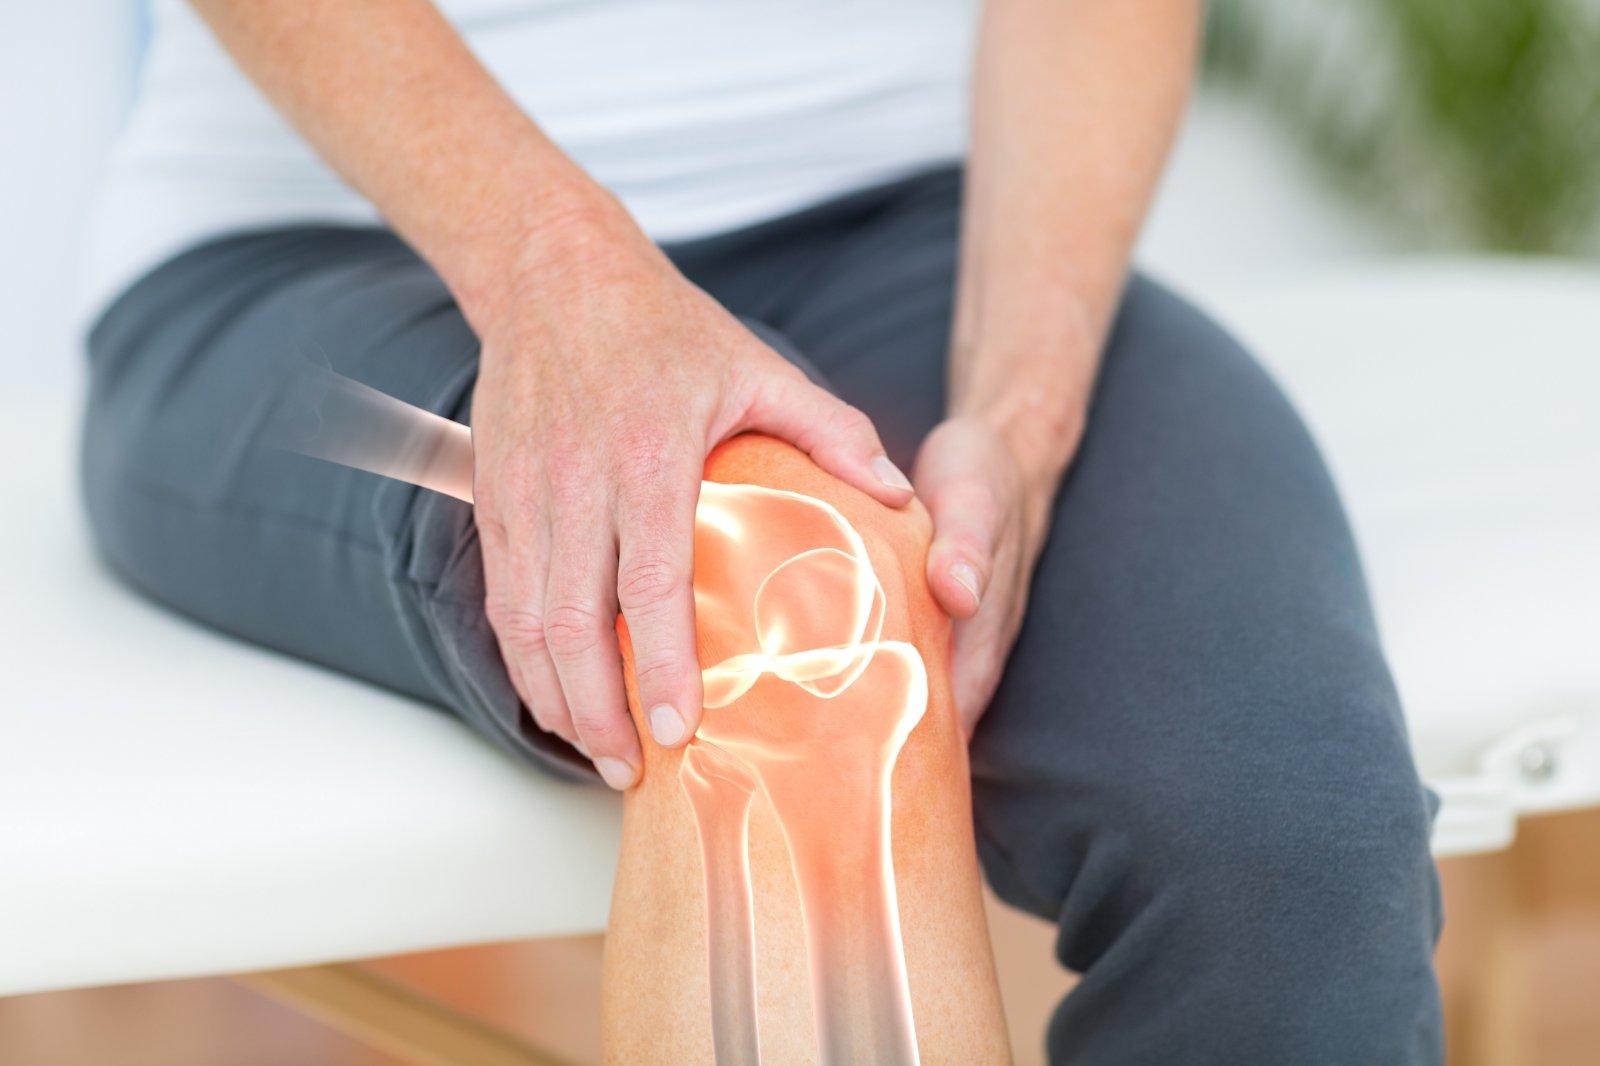 ar gali sąnarių gydymas ridikėliai nuo skausmo ir sąnarių